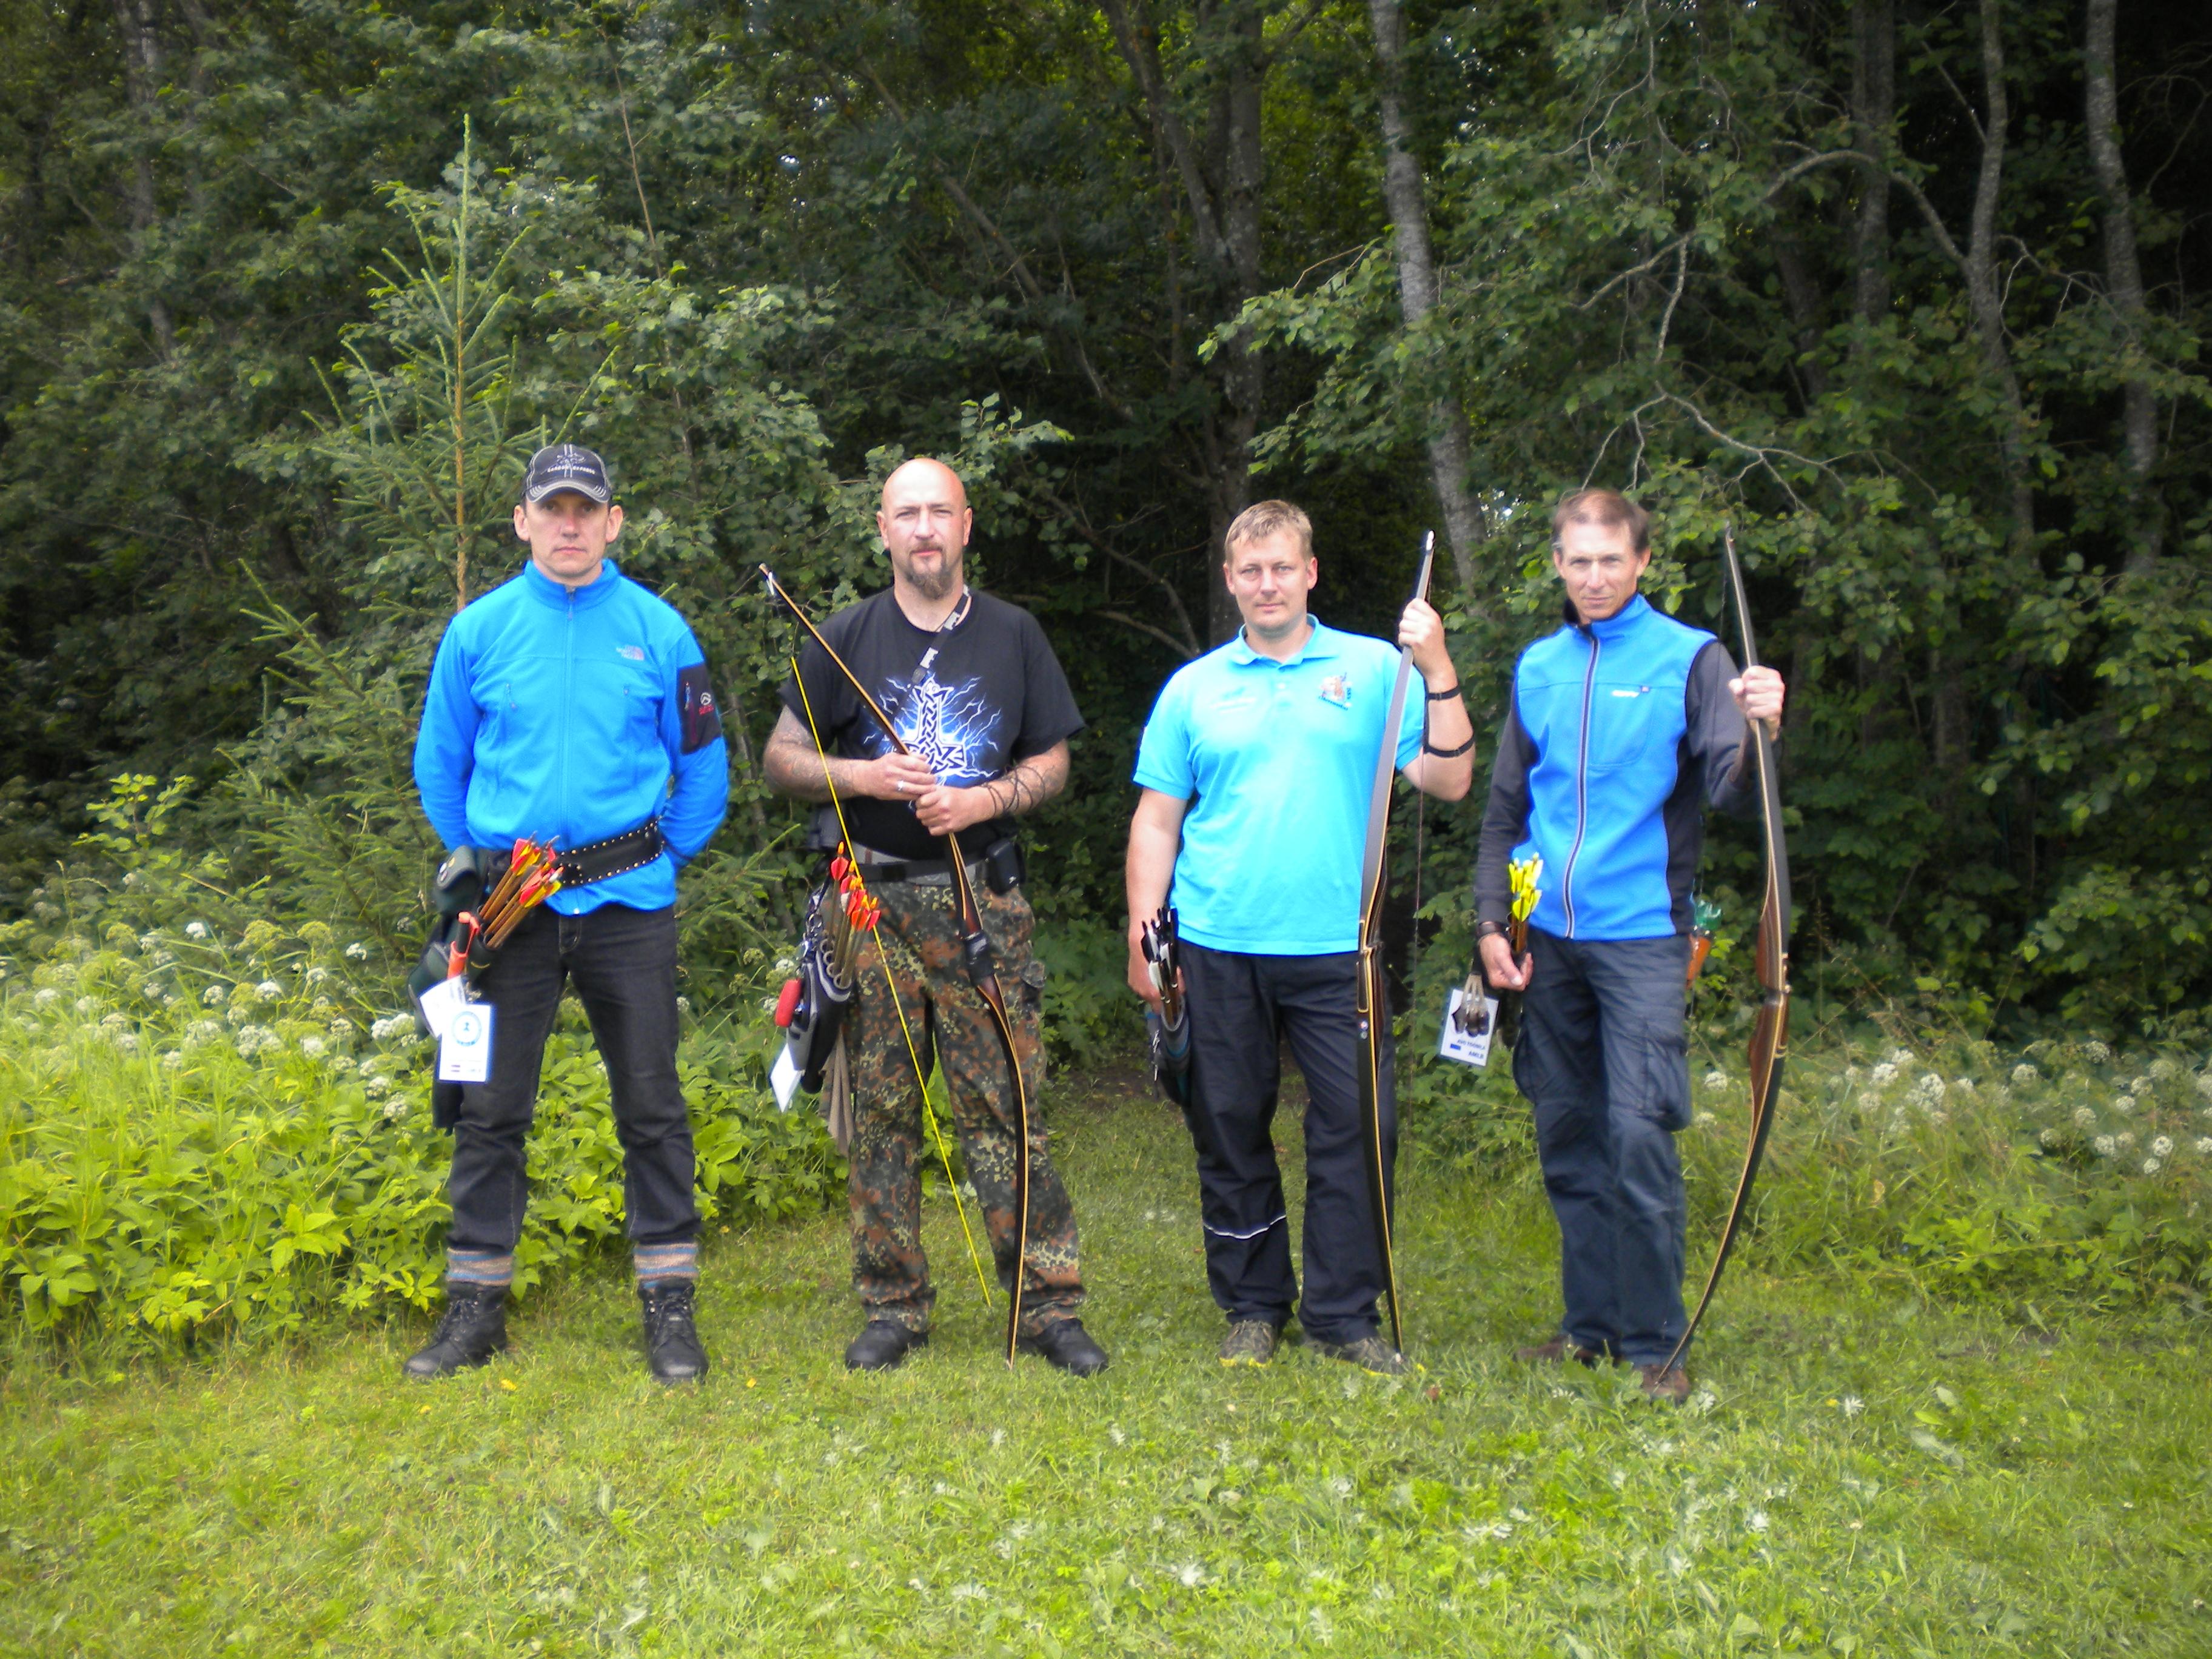 Финалисты Открытого Чемпионата Эстонии по полевой стрельбе, 2015 год